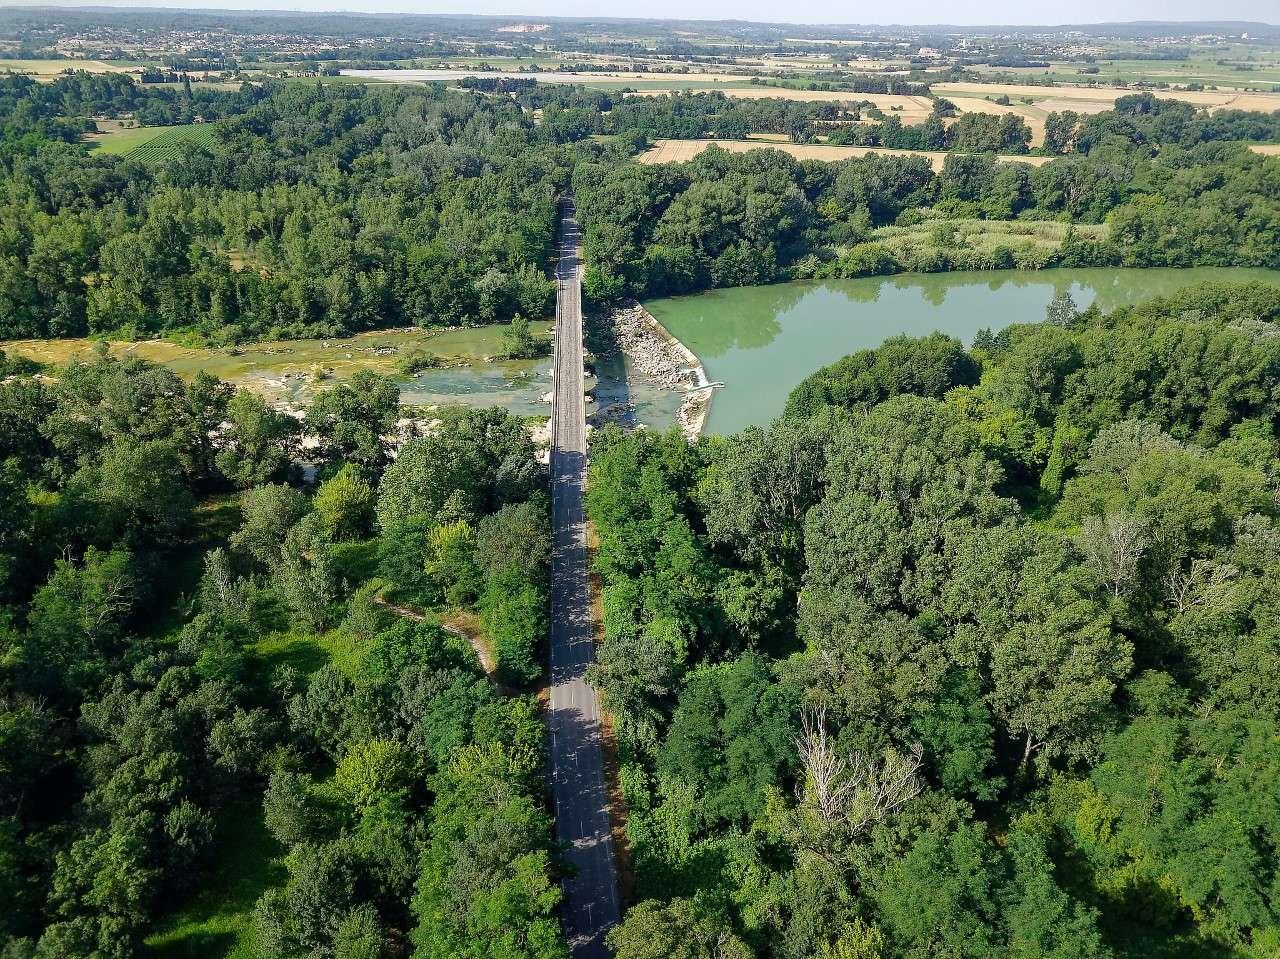 Projet de réalisation d'une centrale hydroélectrique et de production d'énergie sur la commune de Saint-Chaptes